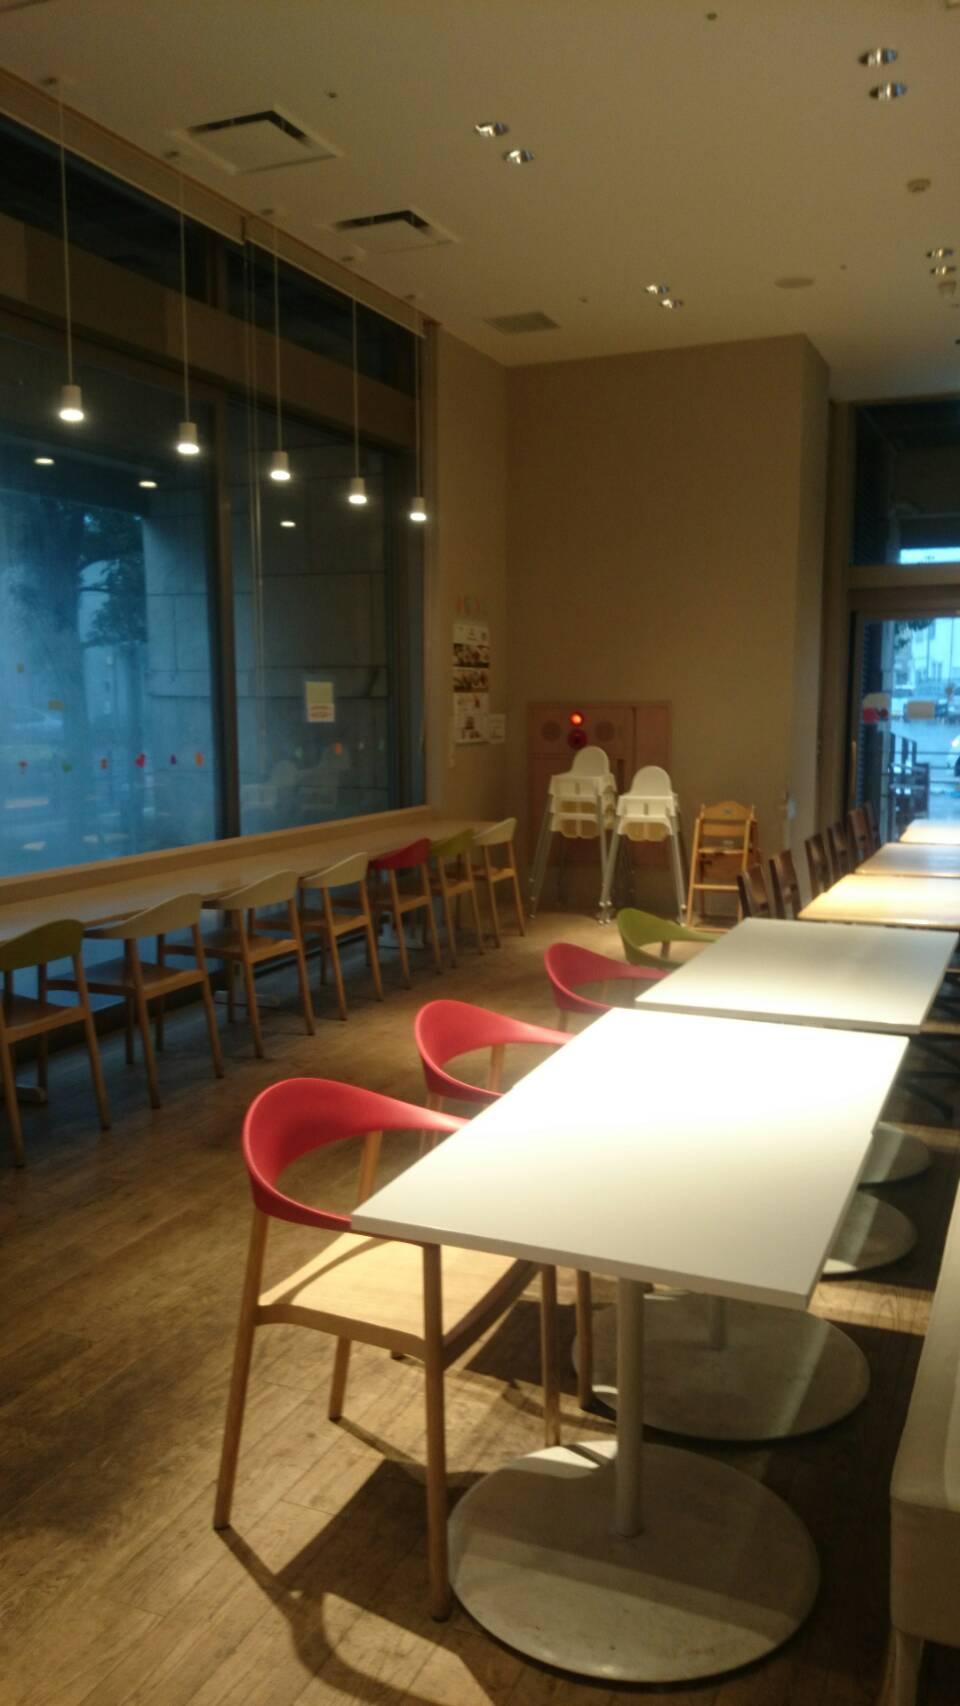 ギャラクカフェ by SKIP KIDS 西新井店